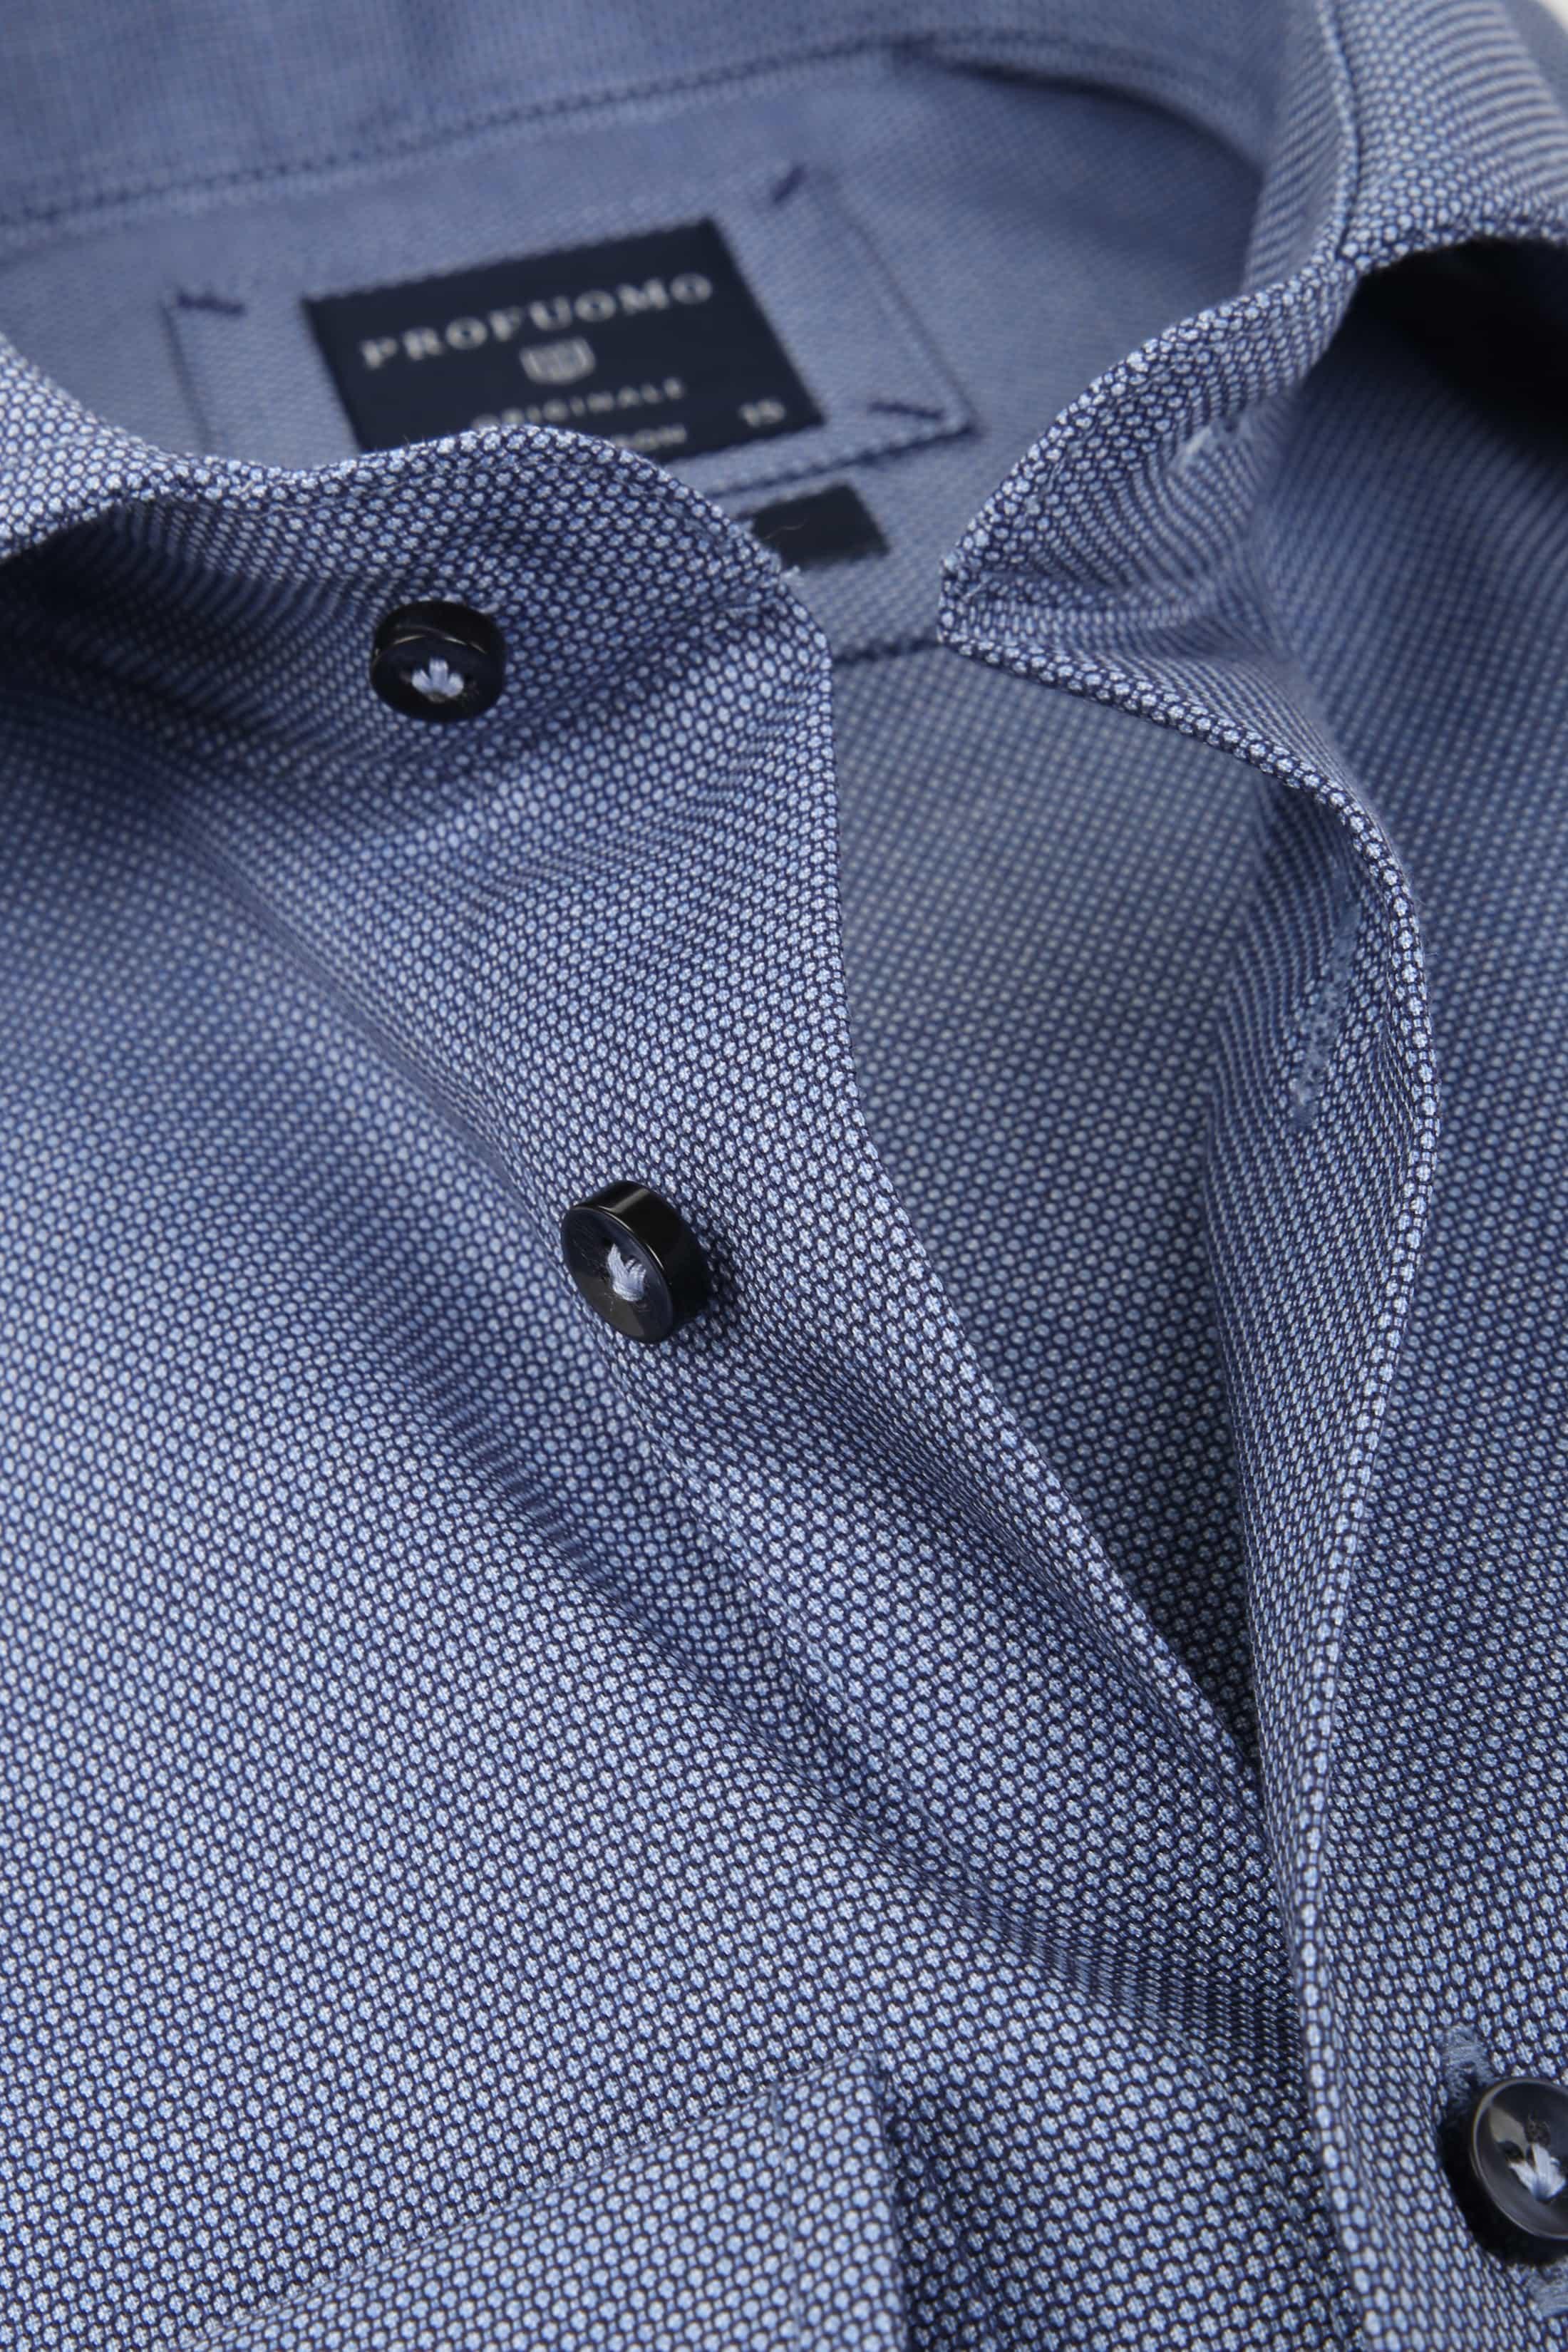 Profuomo Overhemd Blauw SF Dessin foto 1